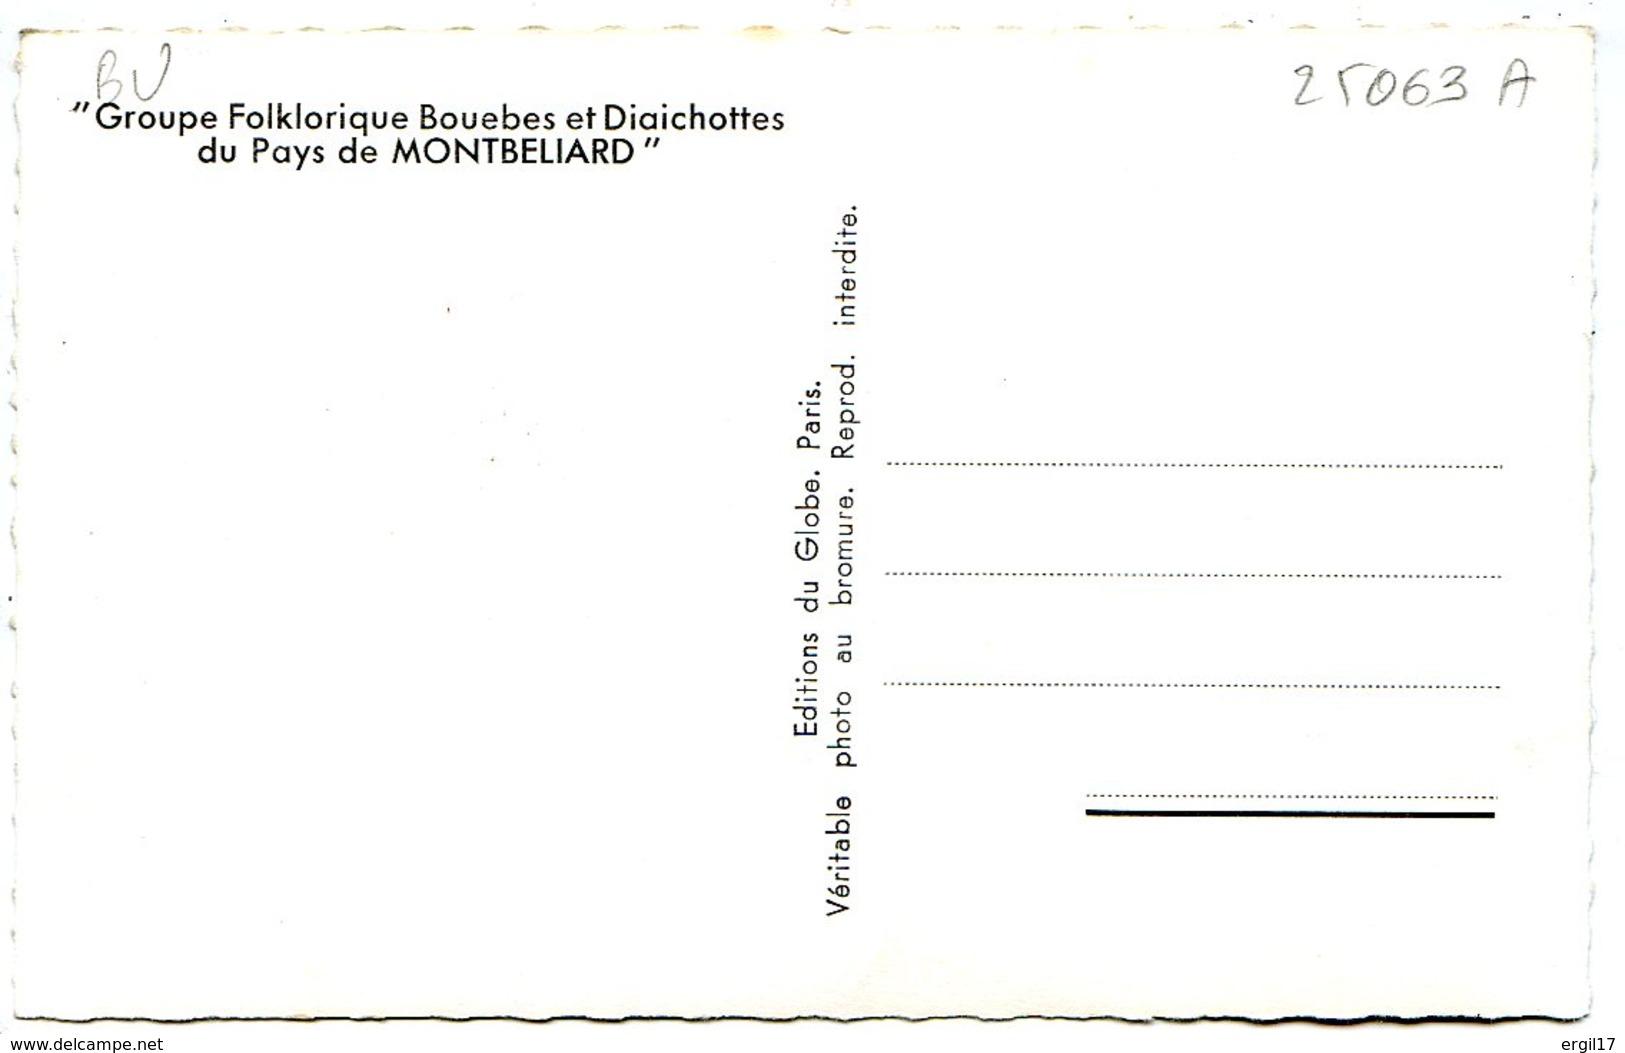 25200 MONTBÉLIARD - Folklore Bouebe Et Diachottes - Lot De 3 CPSM 9x14 - Voir Détails Dans La Description - Montbéliard